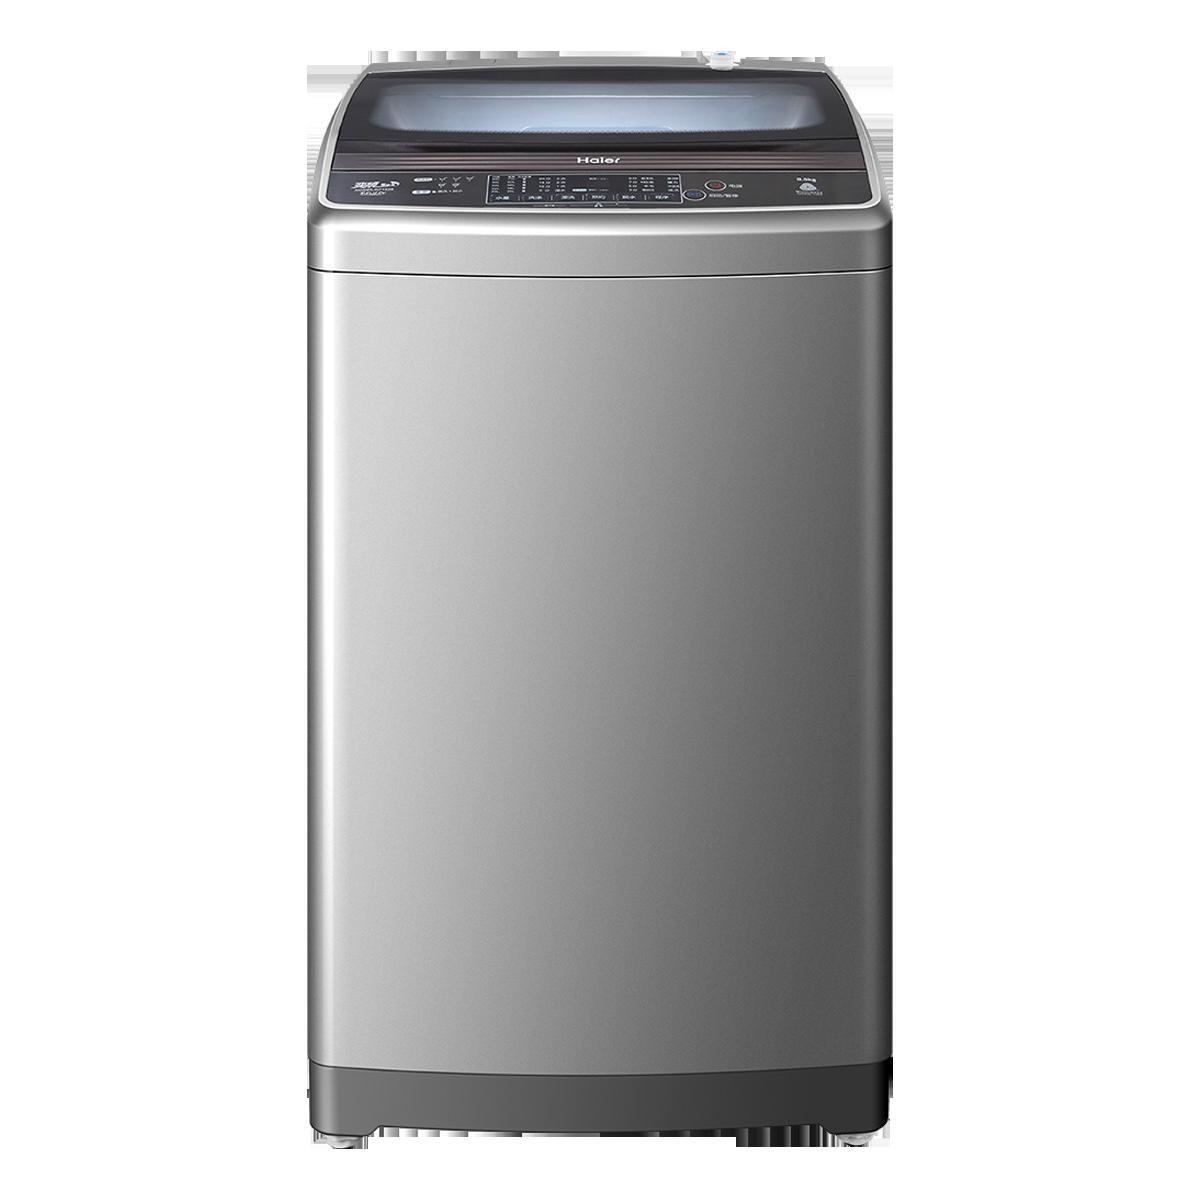 海尔Haier洗衣机 XQS85-BZ1626 说明书